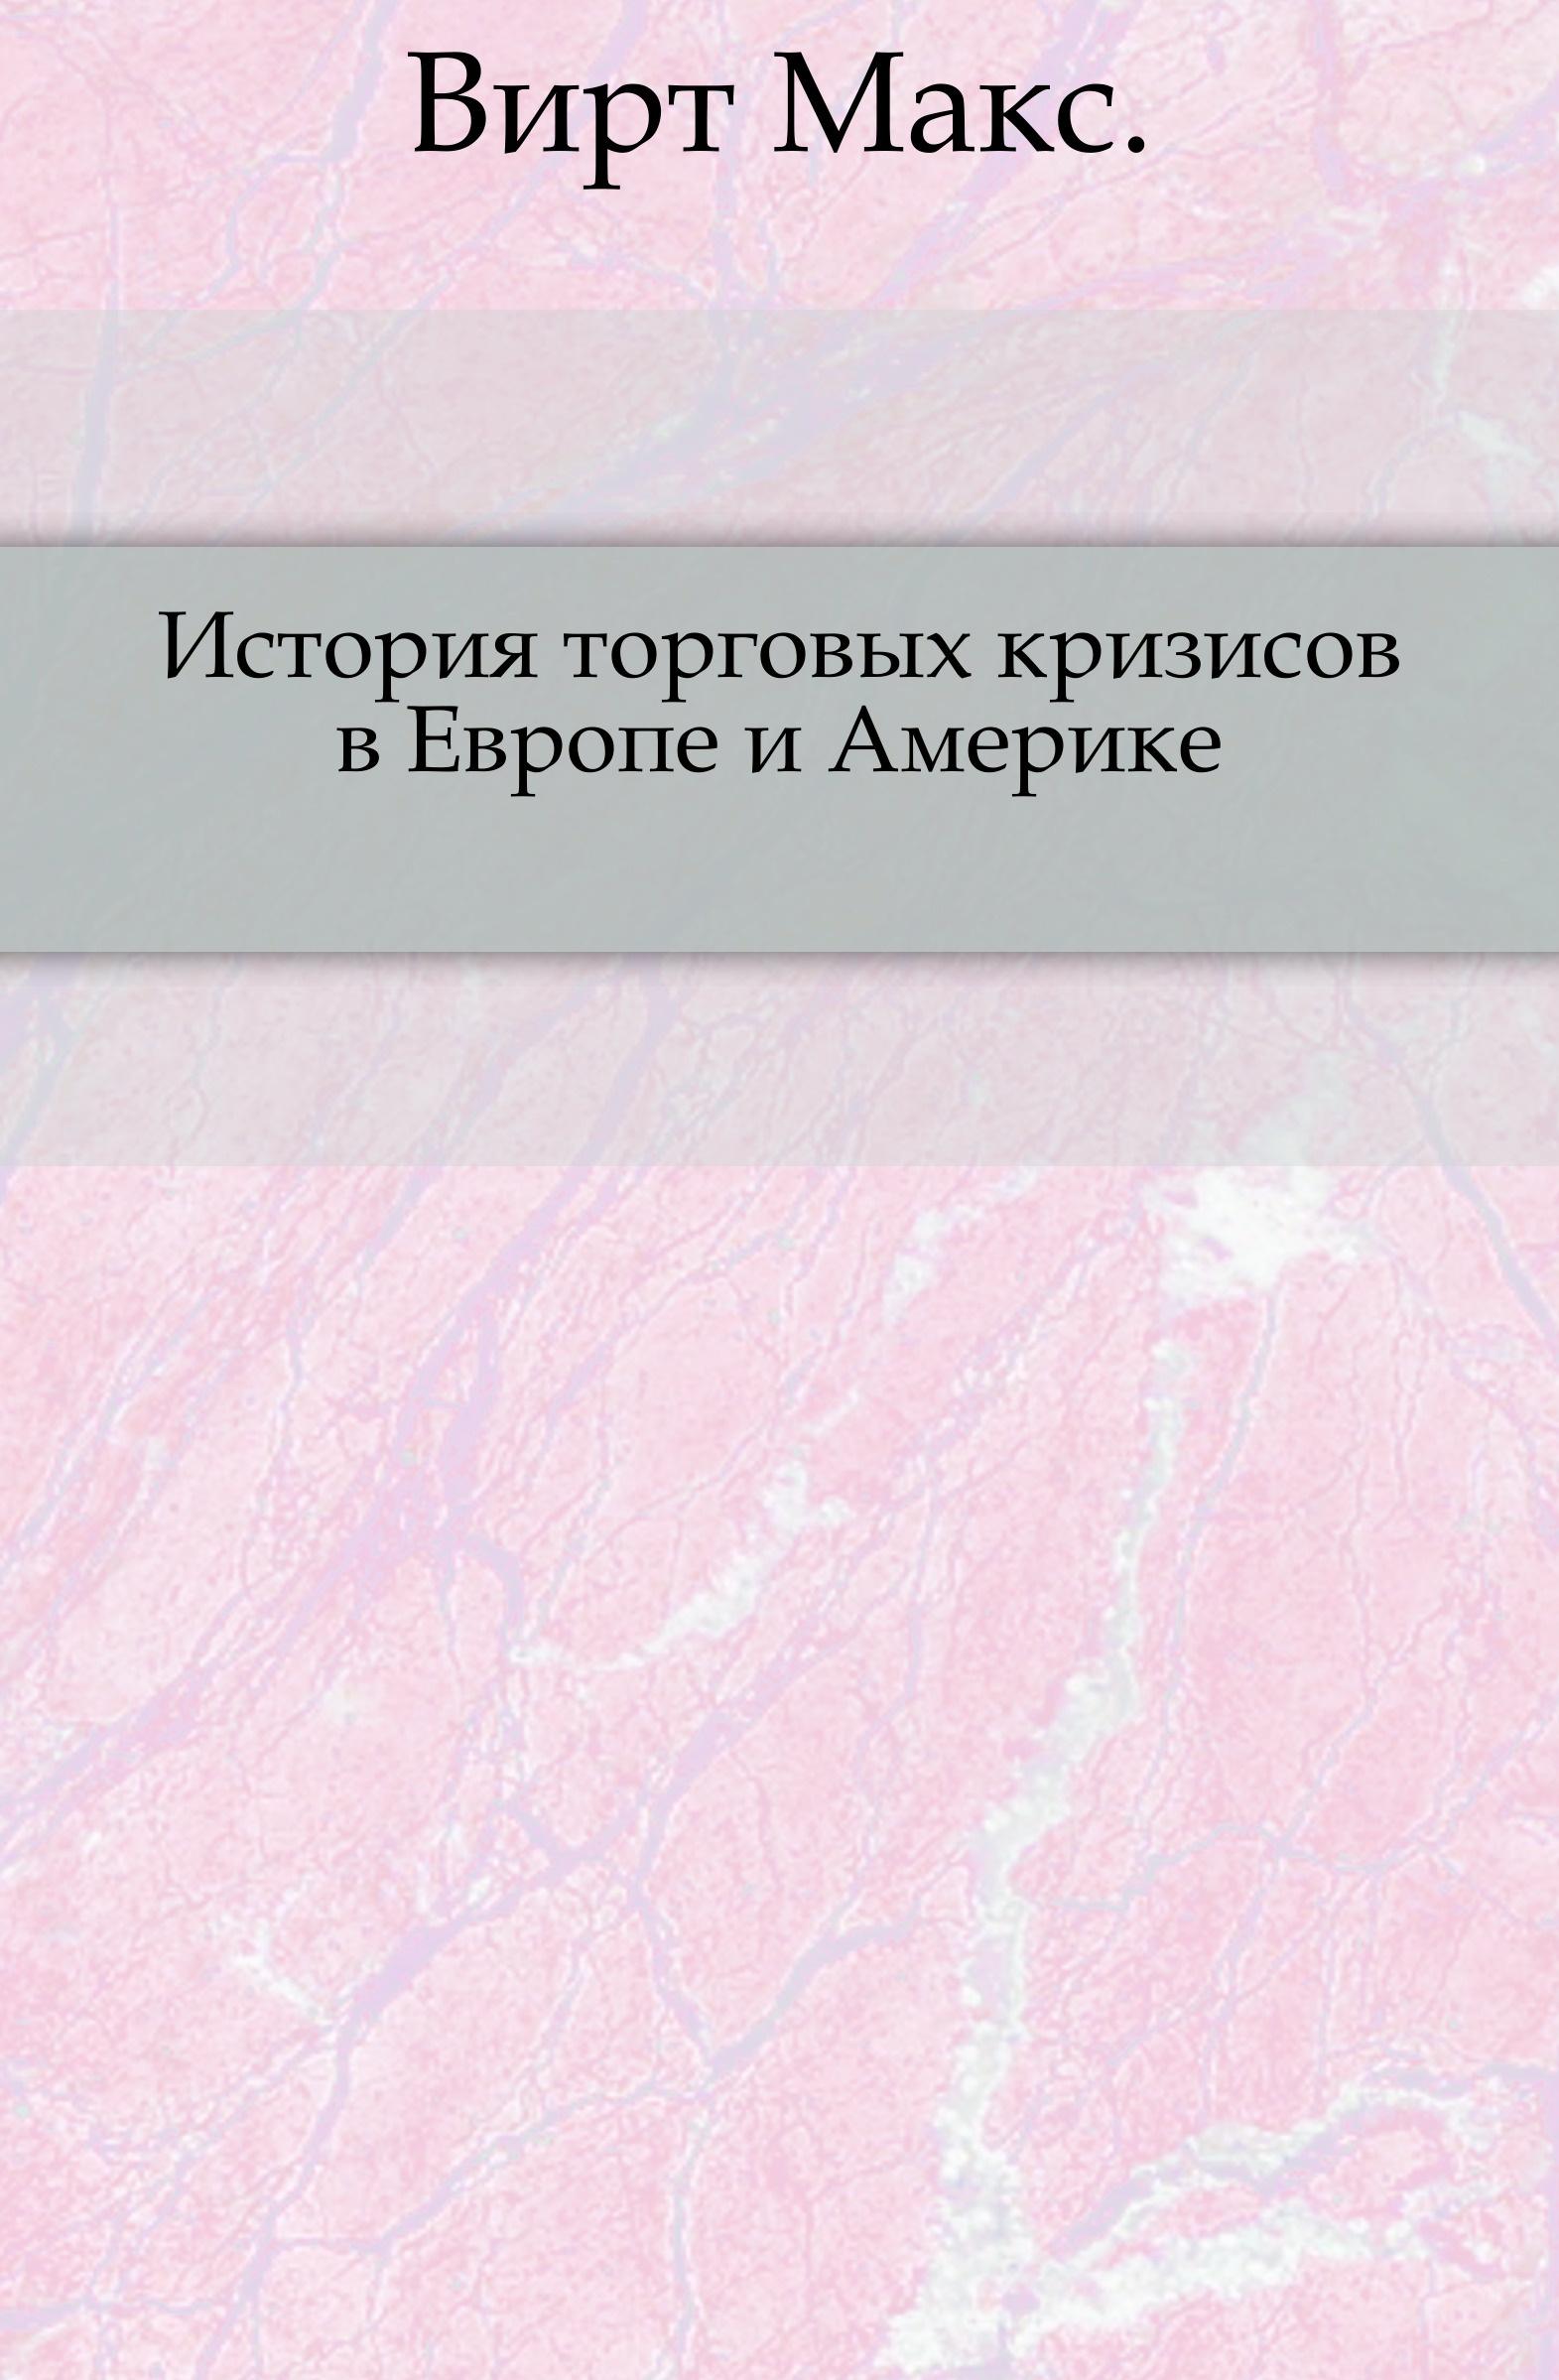 М. Вирт История торговых кризисов в Европе и Америке